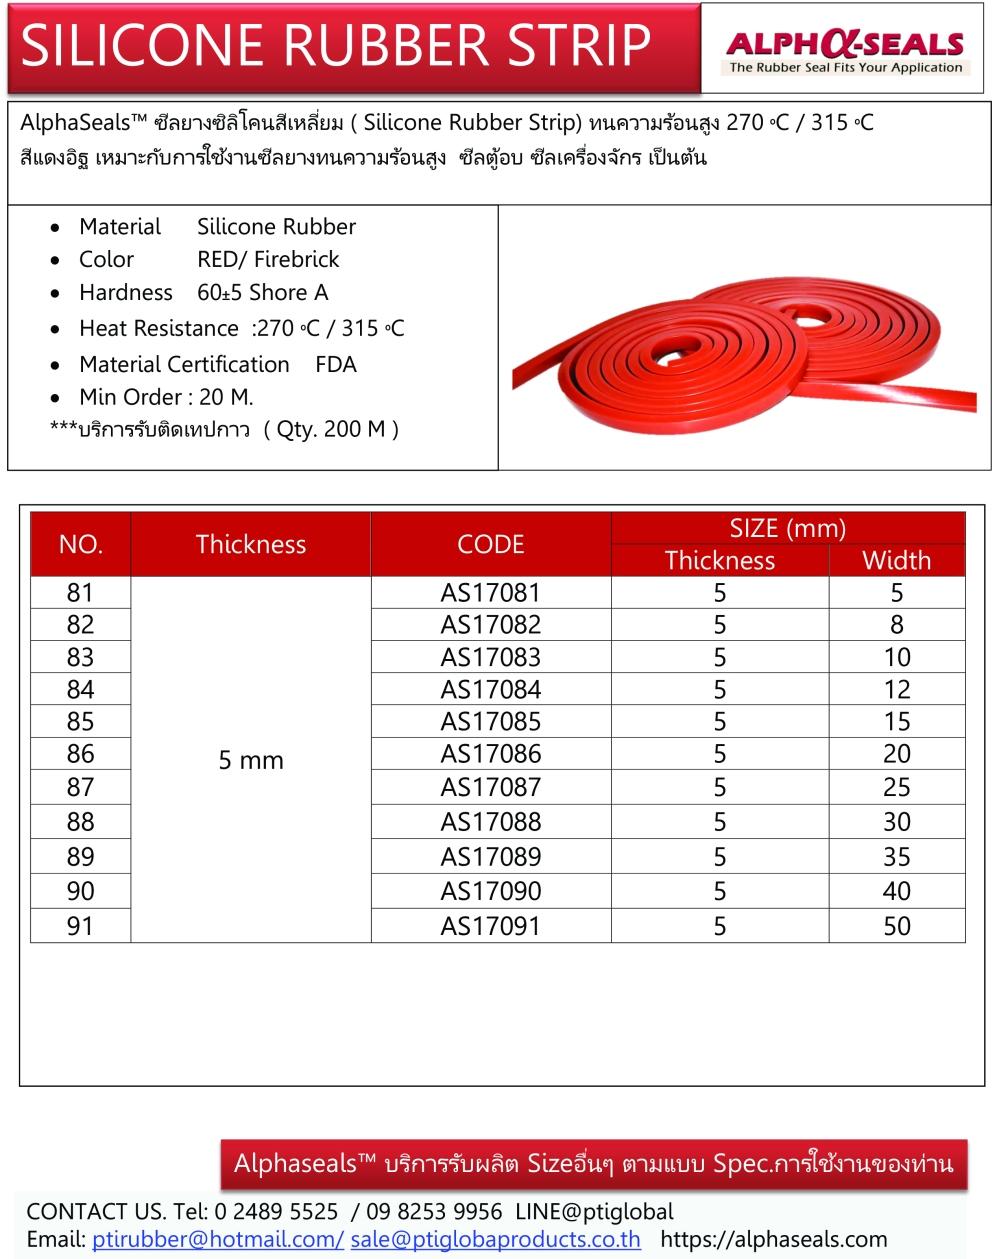 Red Silicone Rubber Strips เส้นยางซิลิโคนสี่เหลี่ยมสีแดงอิฐ หนา 5 mm